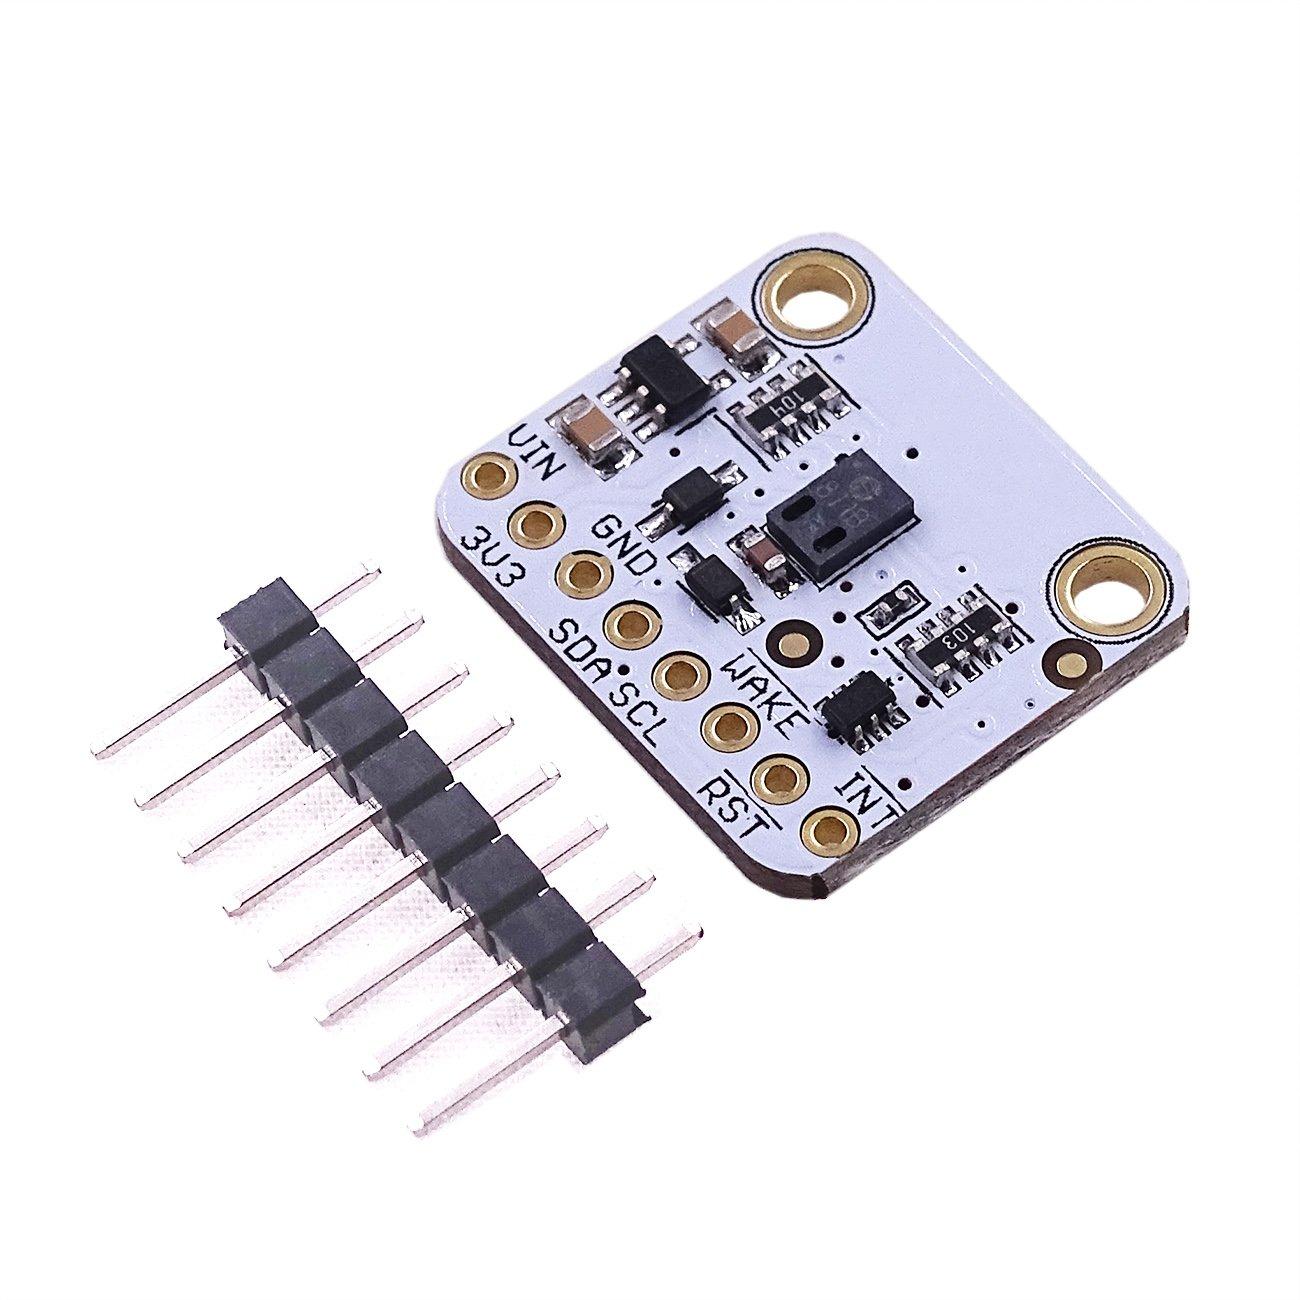 iHaospace CCS811 811V1 NTC CO2 eCO2 TVOC Air Quality Sensor Module Air Mass Meter